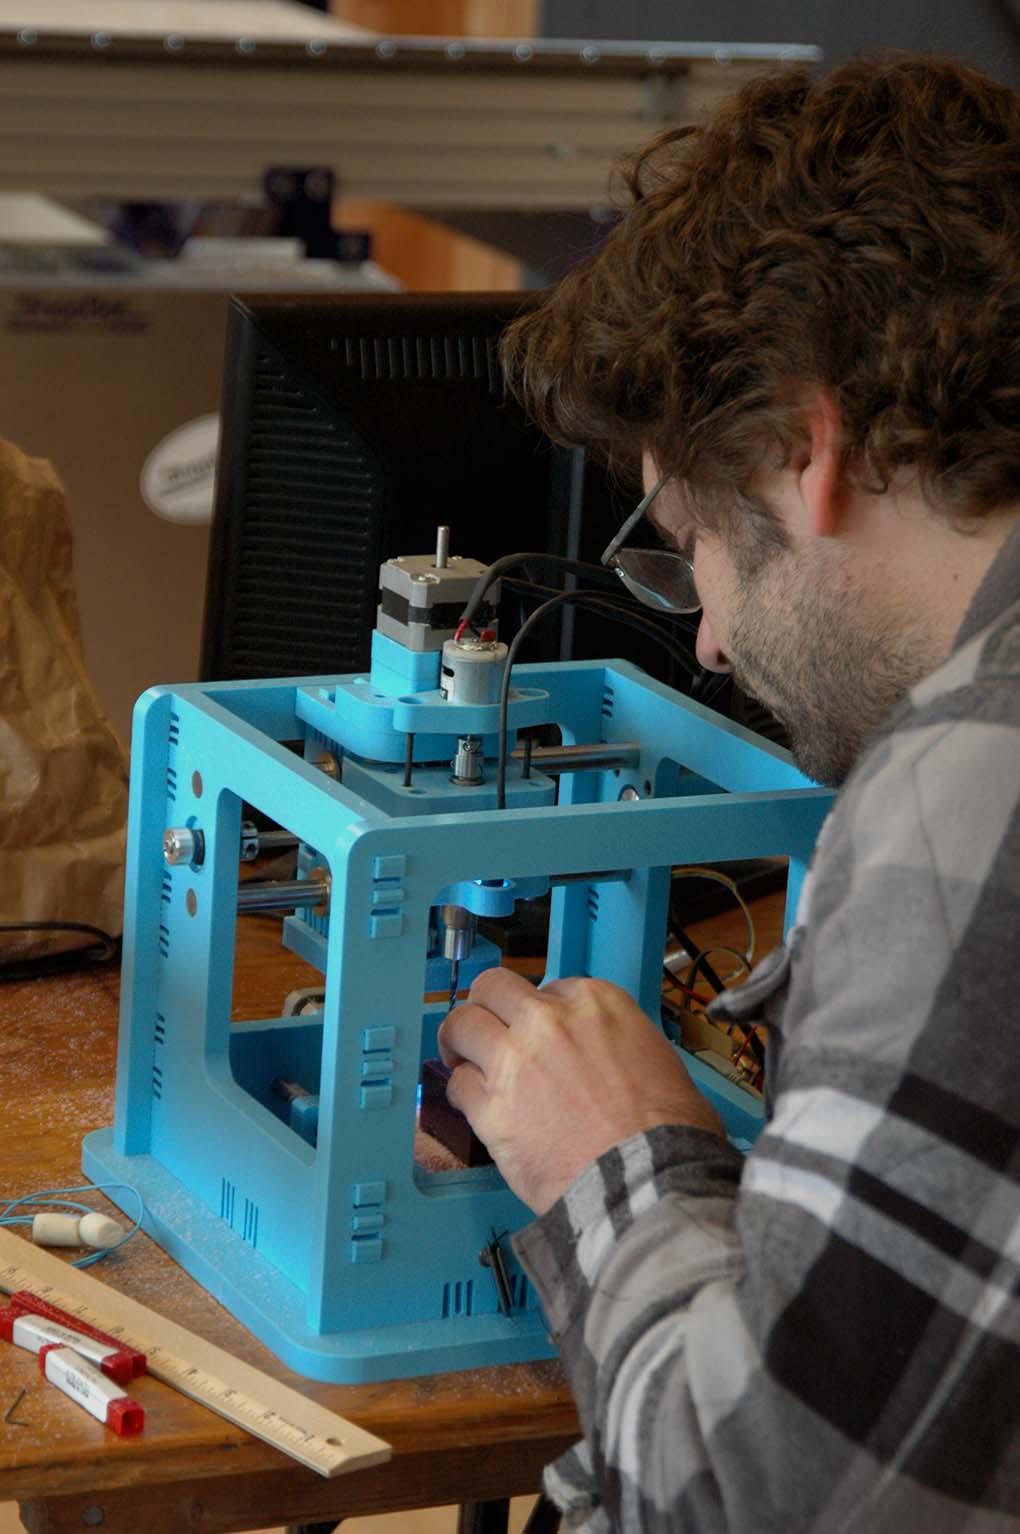 Haystack_WorkSample_fab lab_Jonathan Ward_technician_2011.jpg